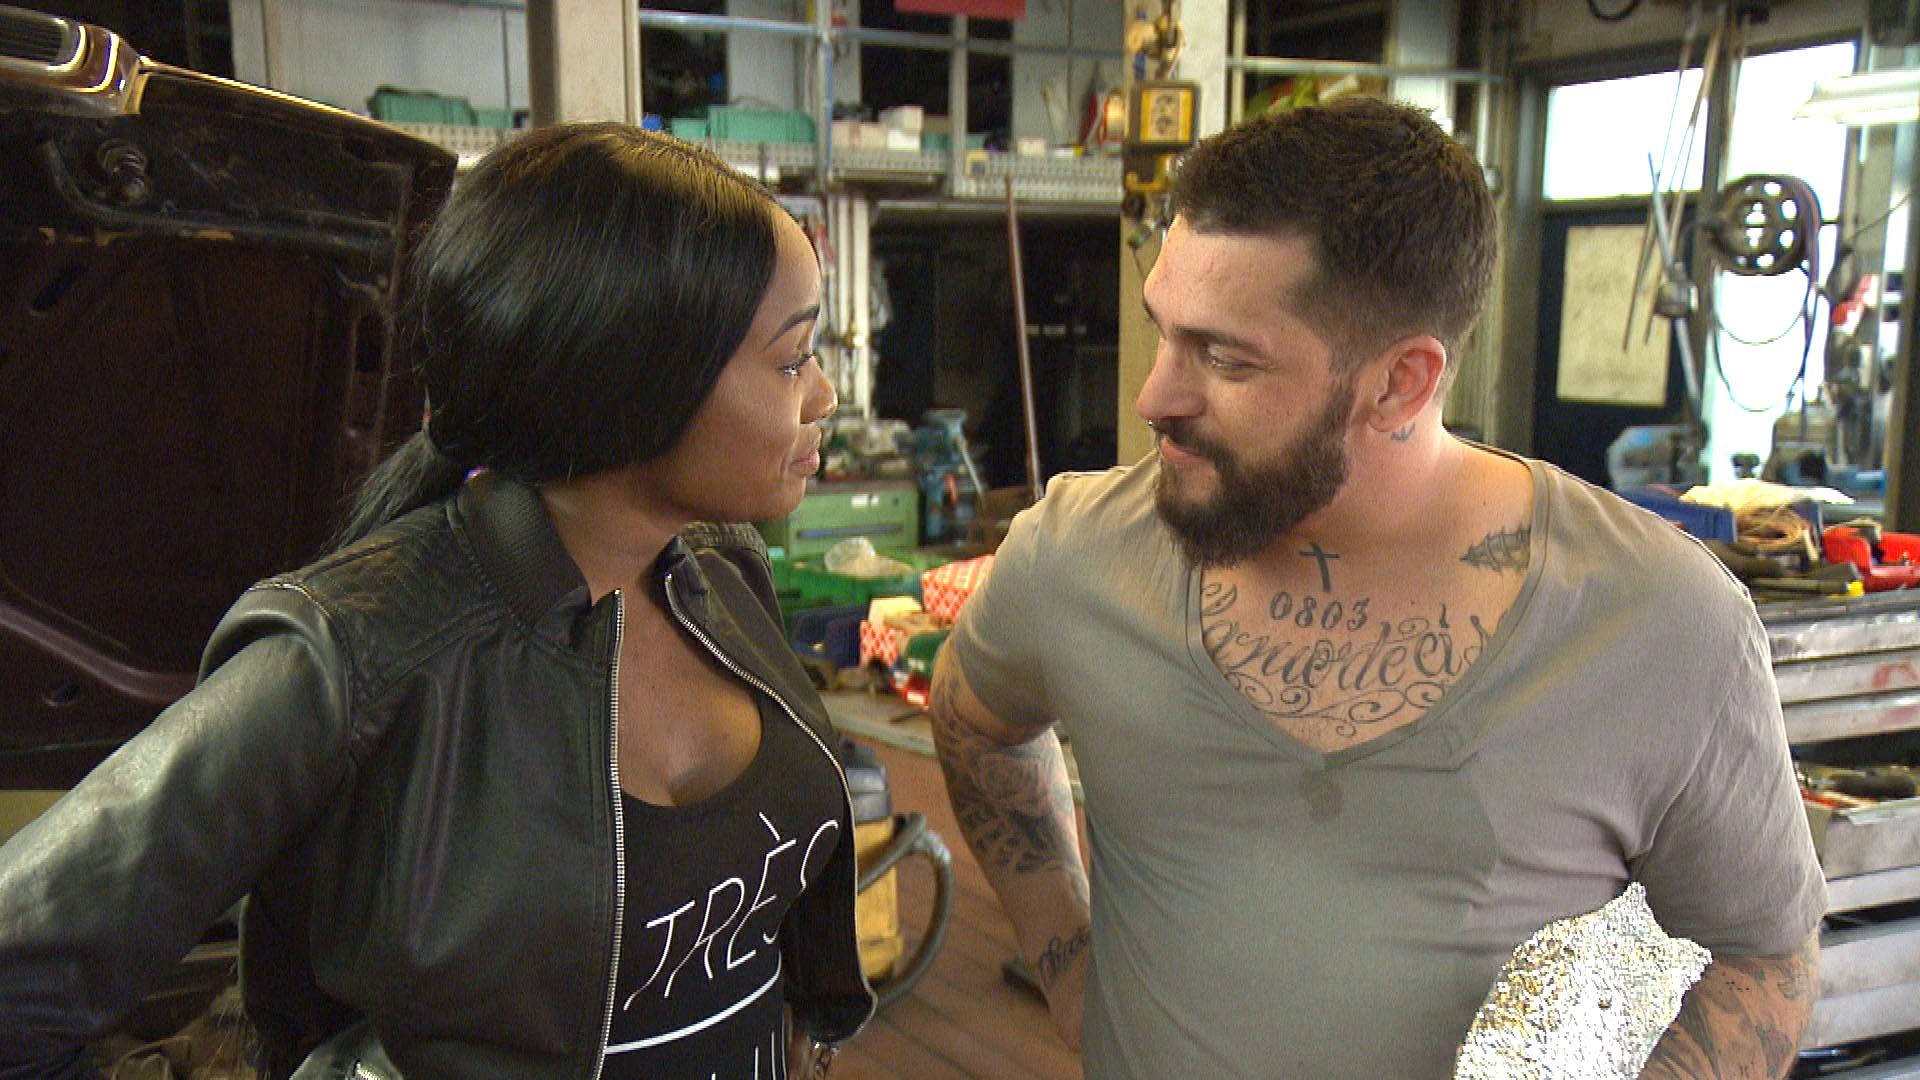 Michelle,li. zieht ihren Plan, Bruno,re. die kalte Schulter zu zeigen, knallhart durch. (Quelle: RTL 2)